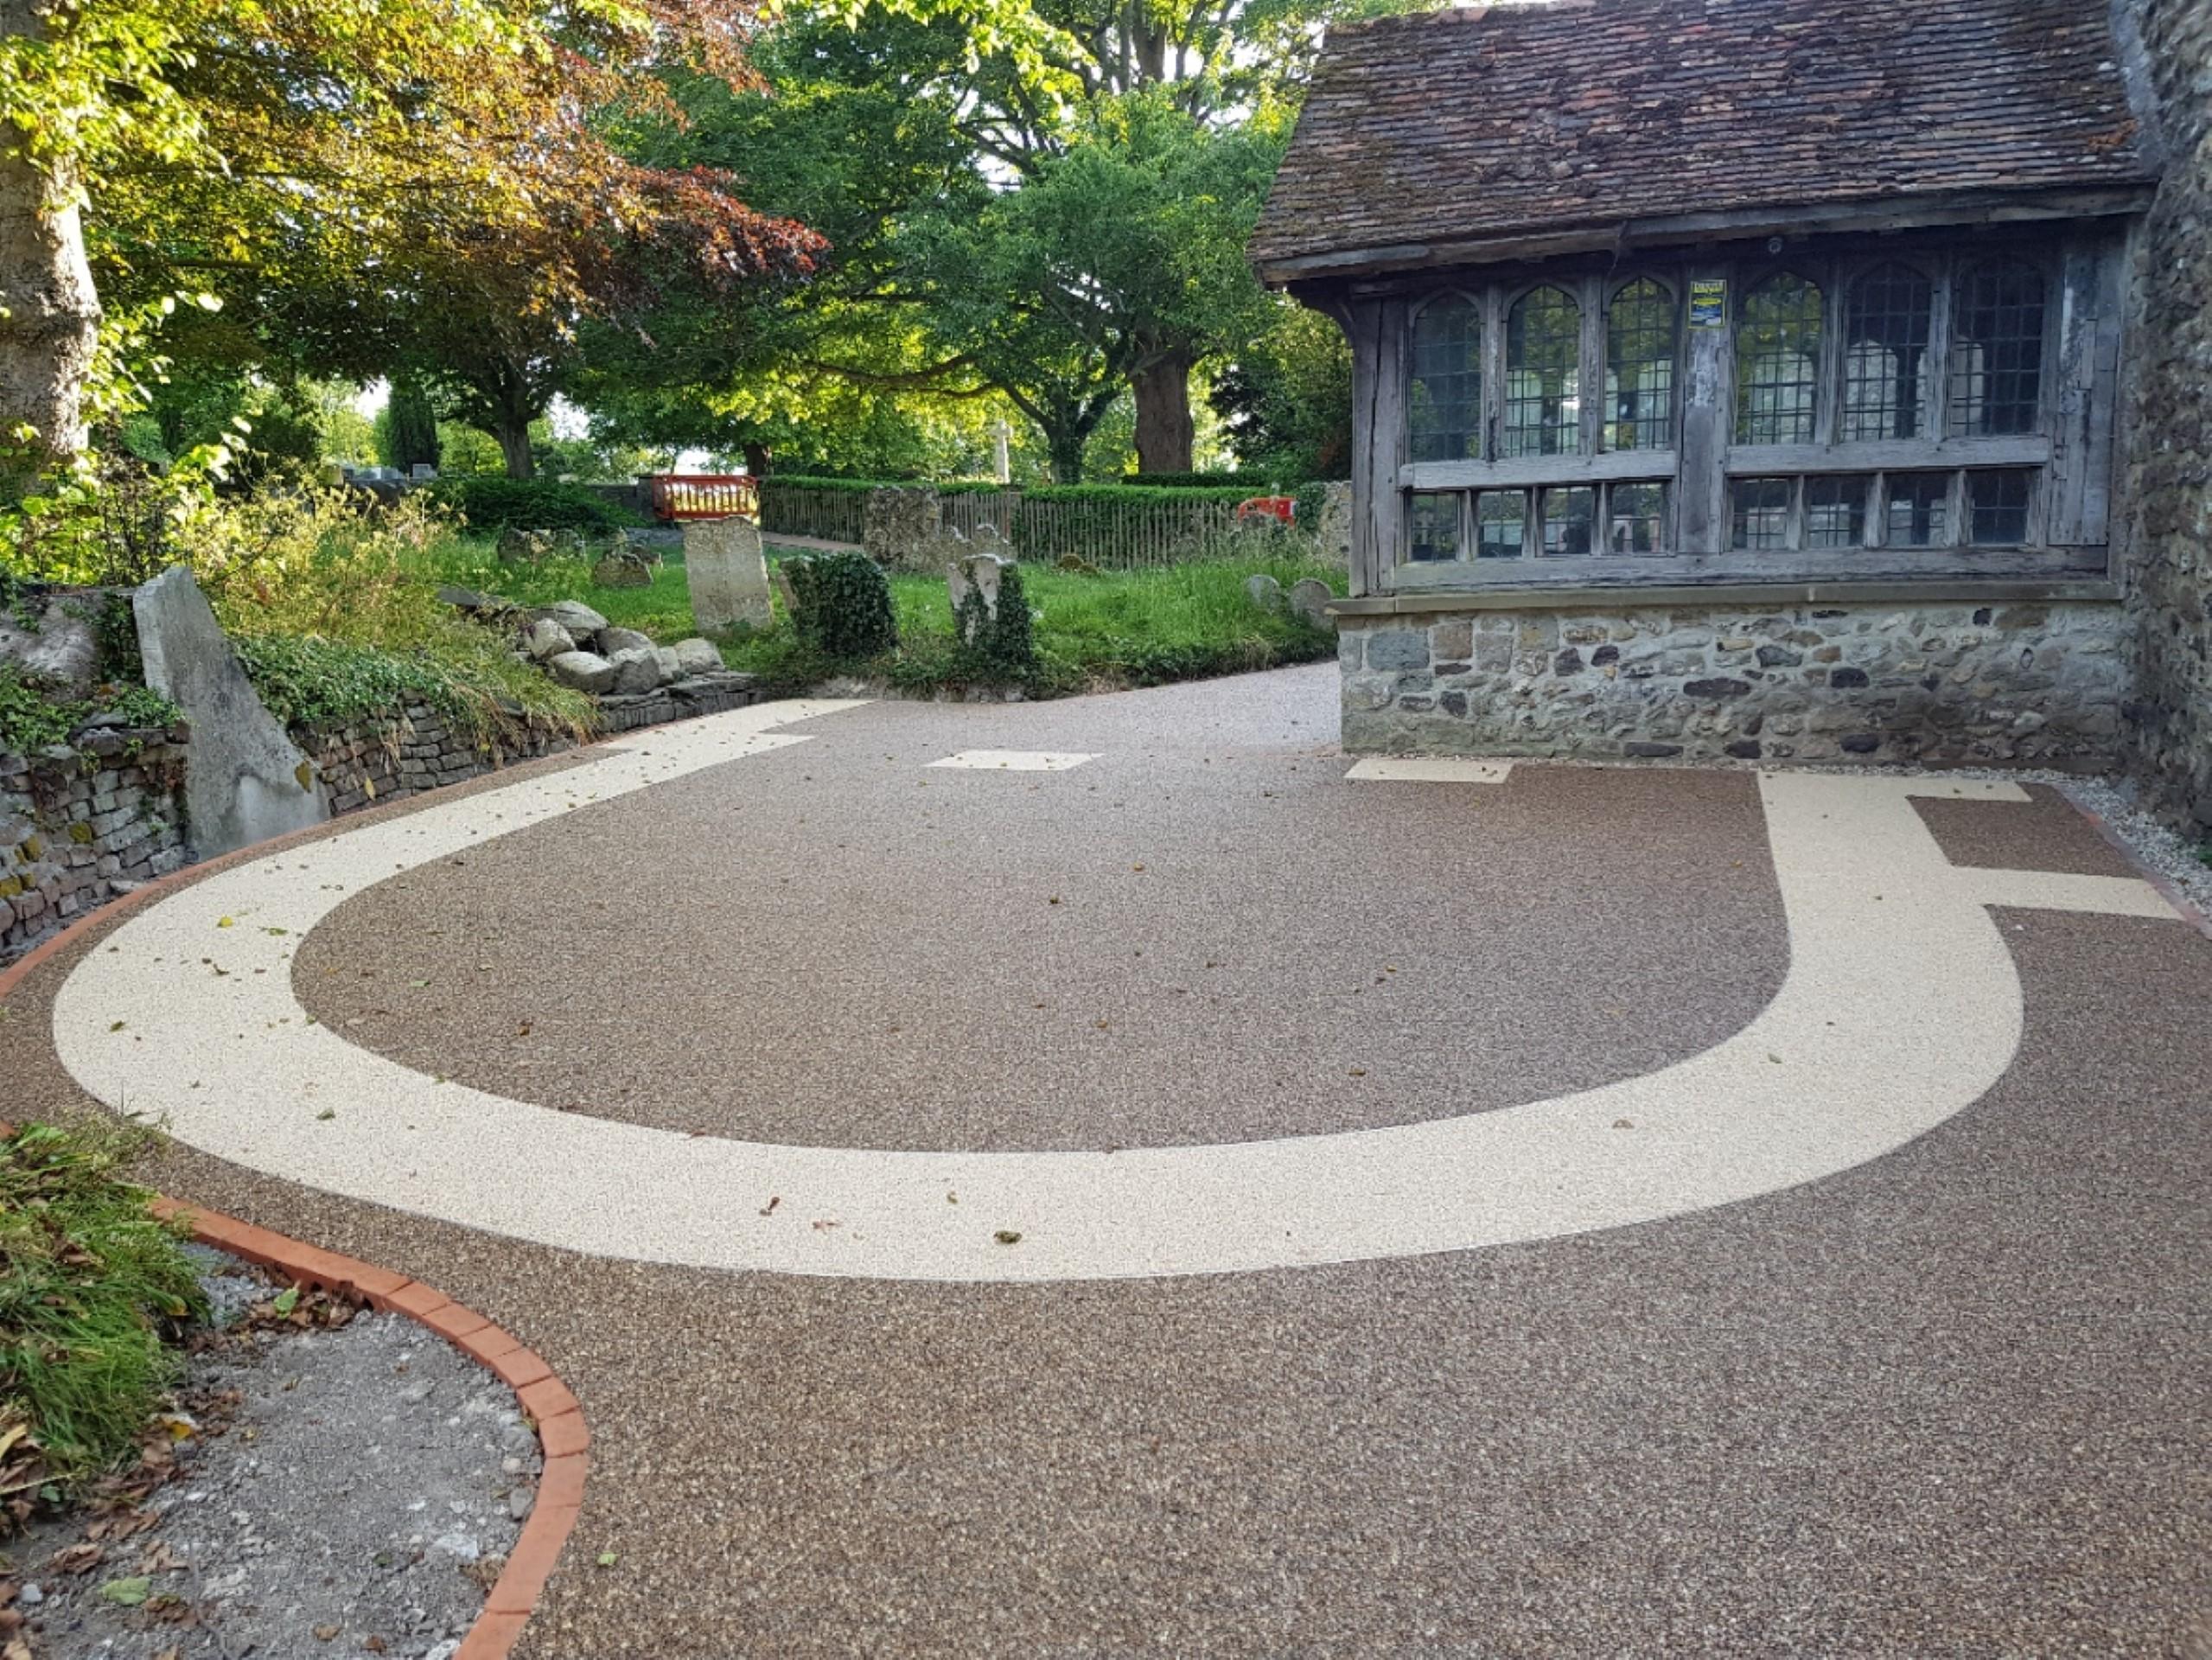 The new church path